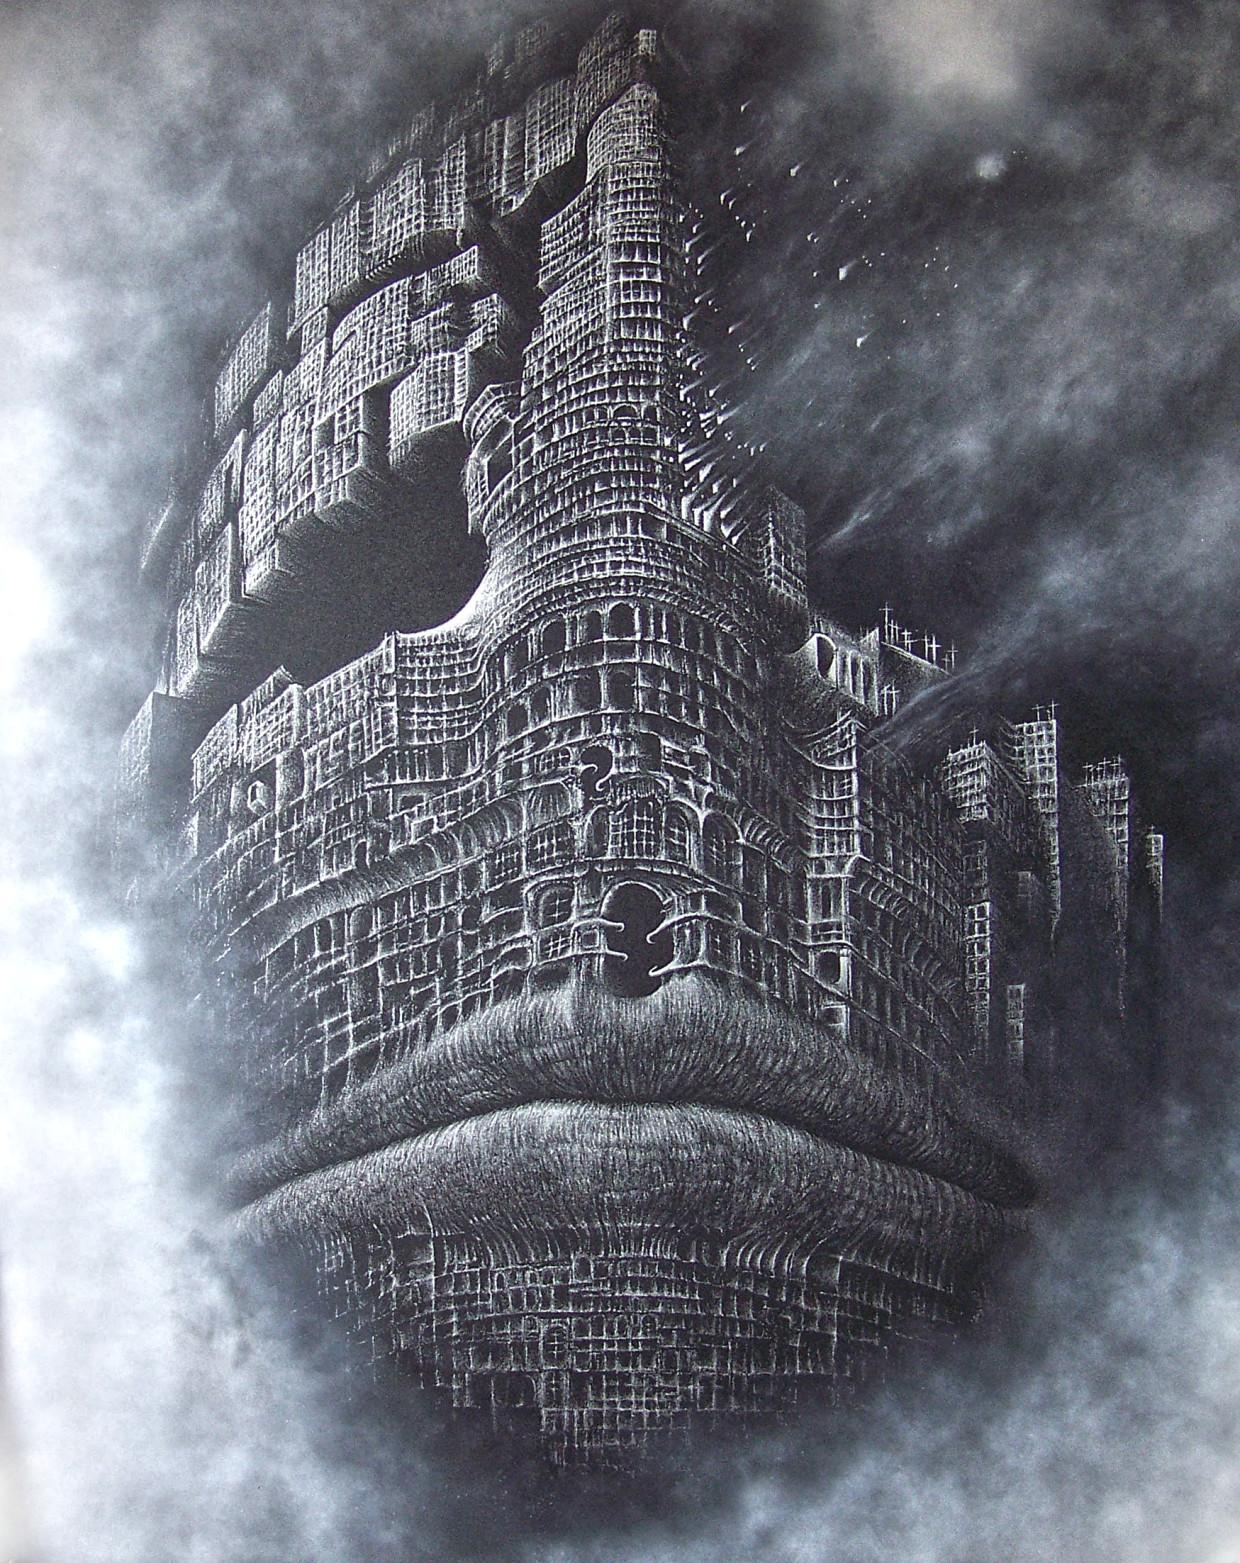 Inspiracja Z.Beksińskim - grawerka